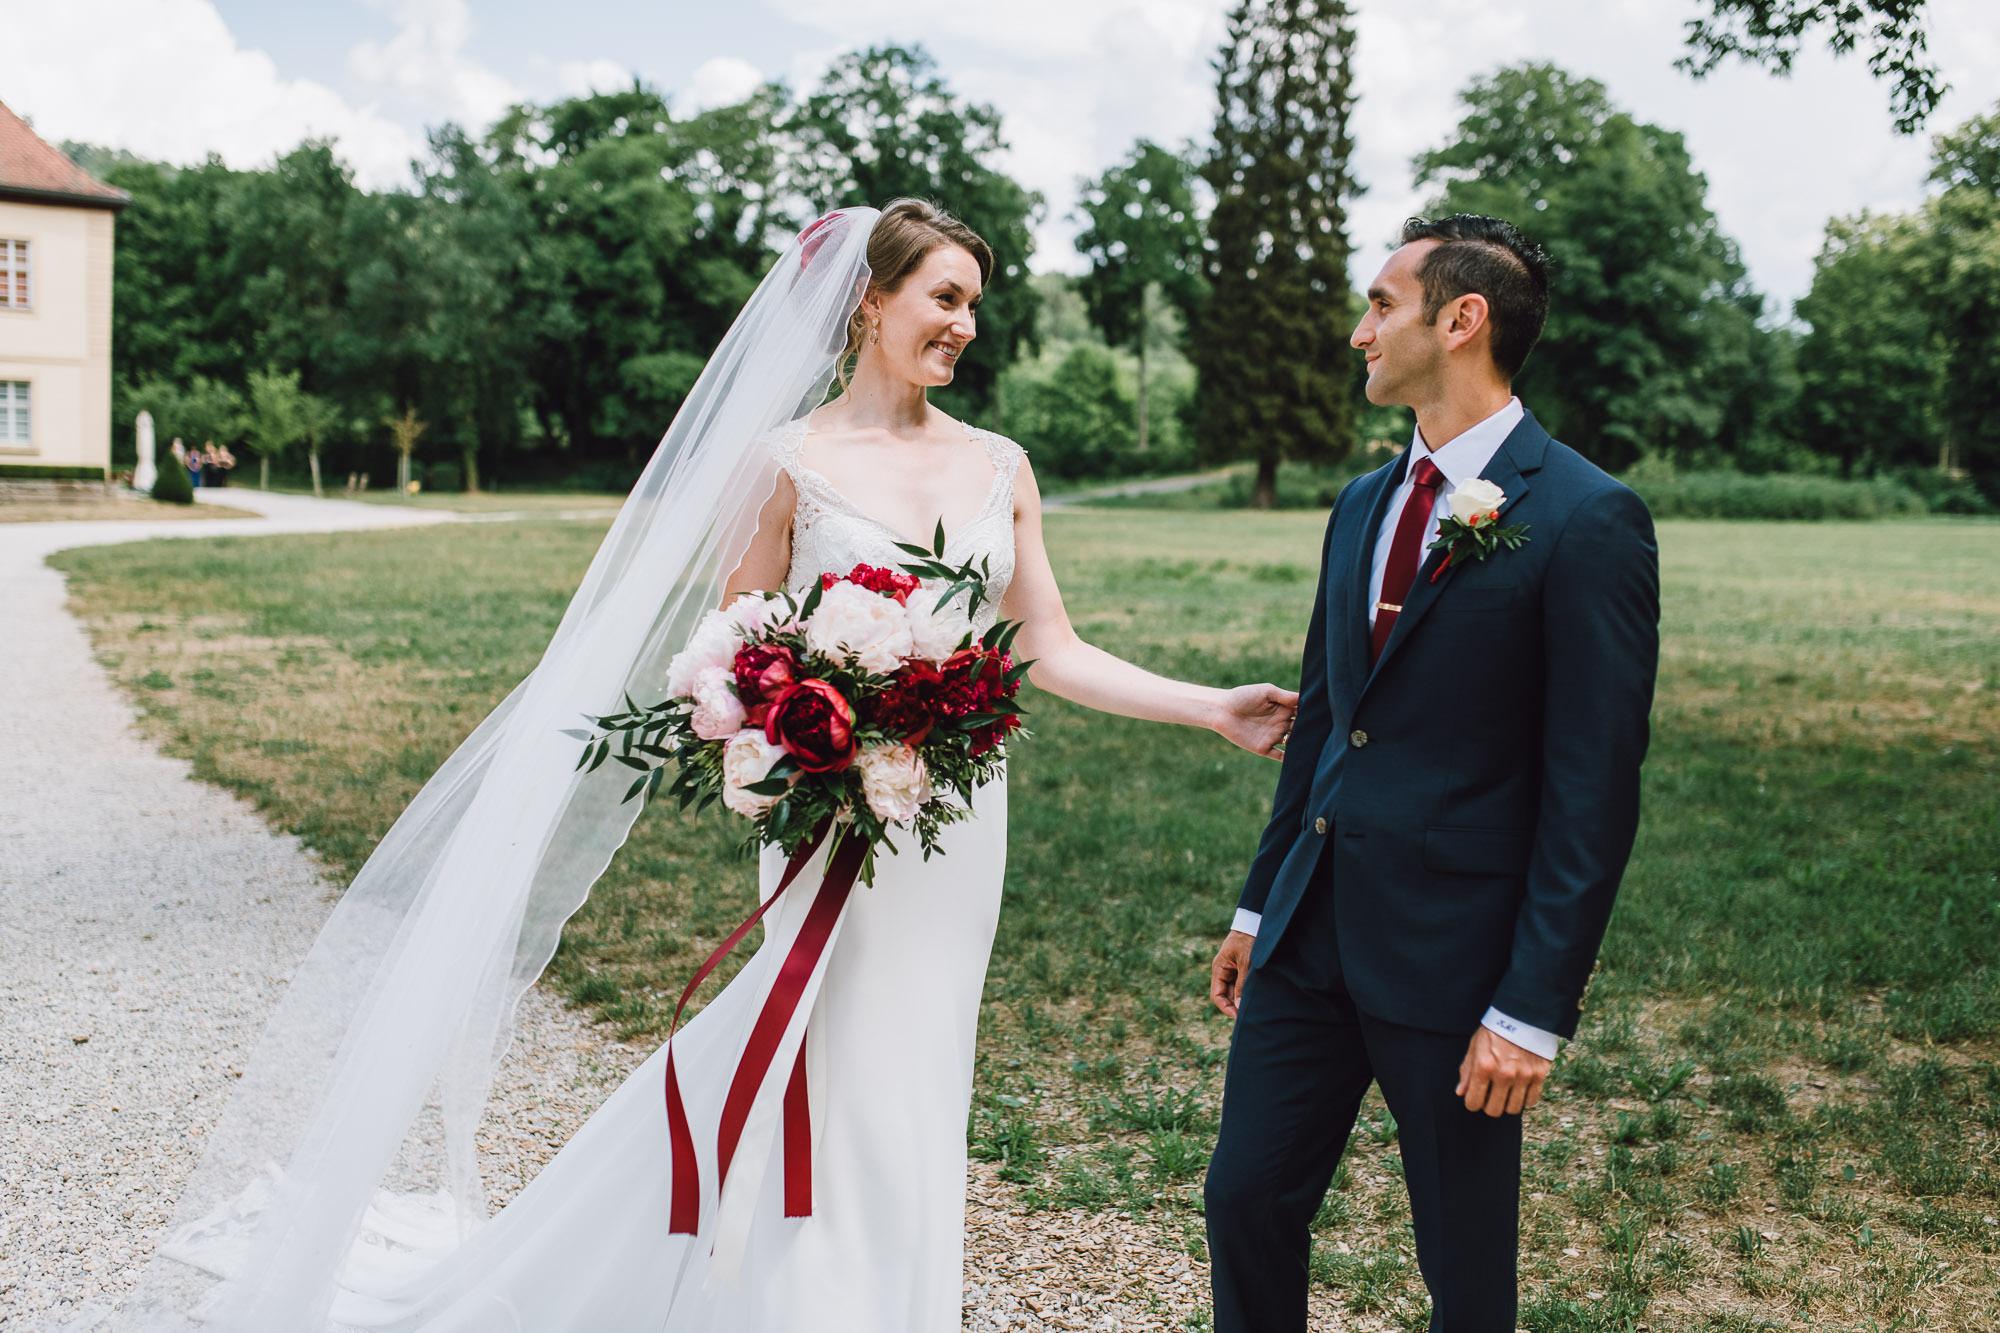 First Look zwischen Braut und Bräutigam